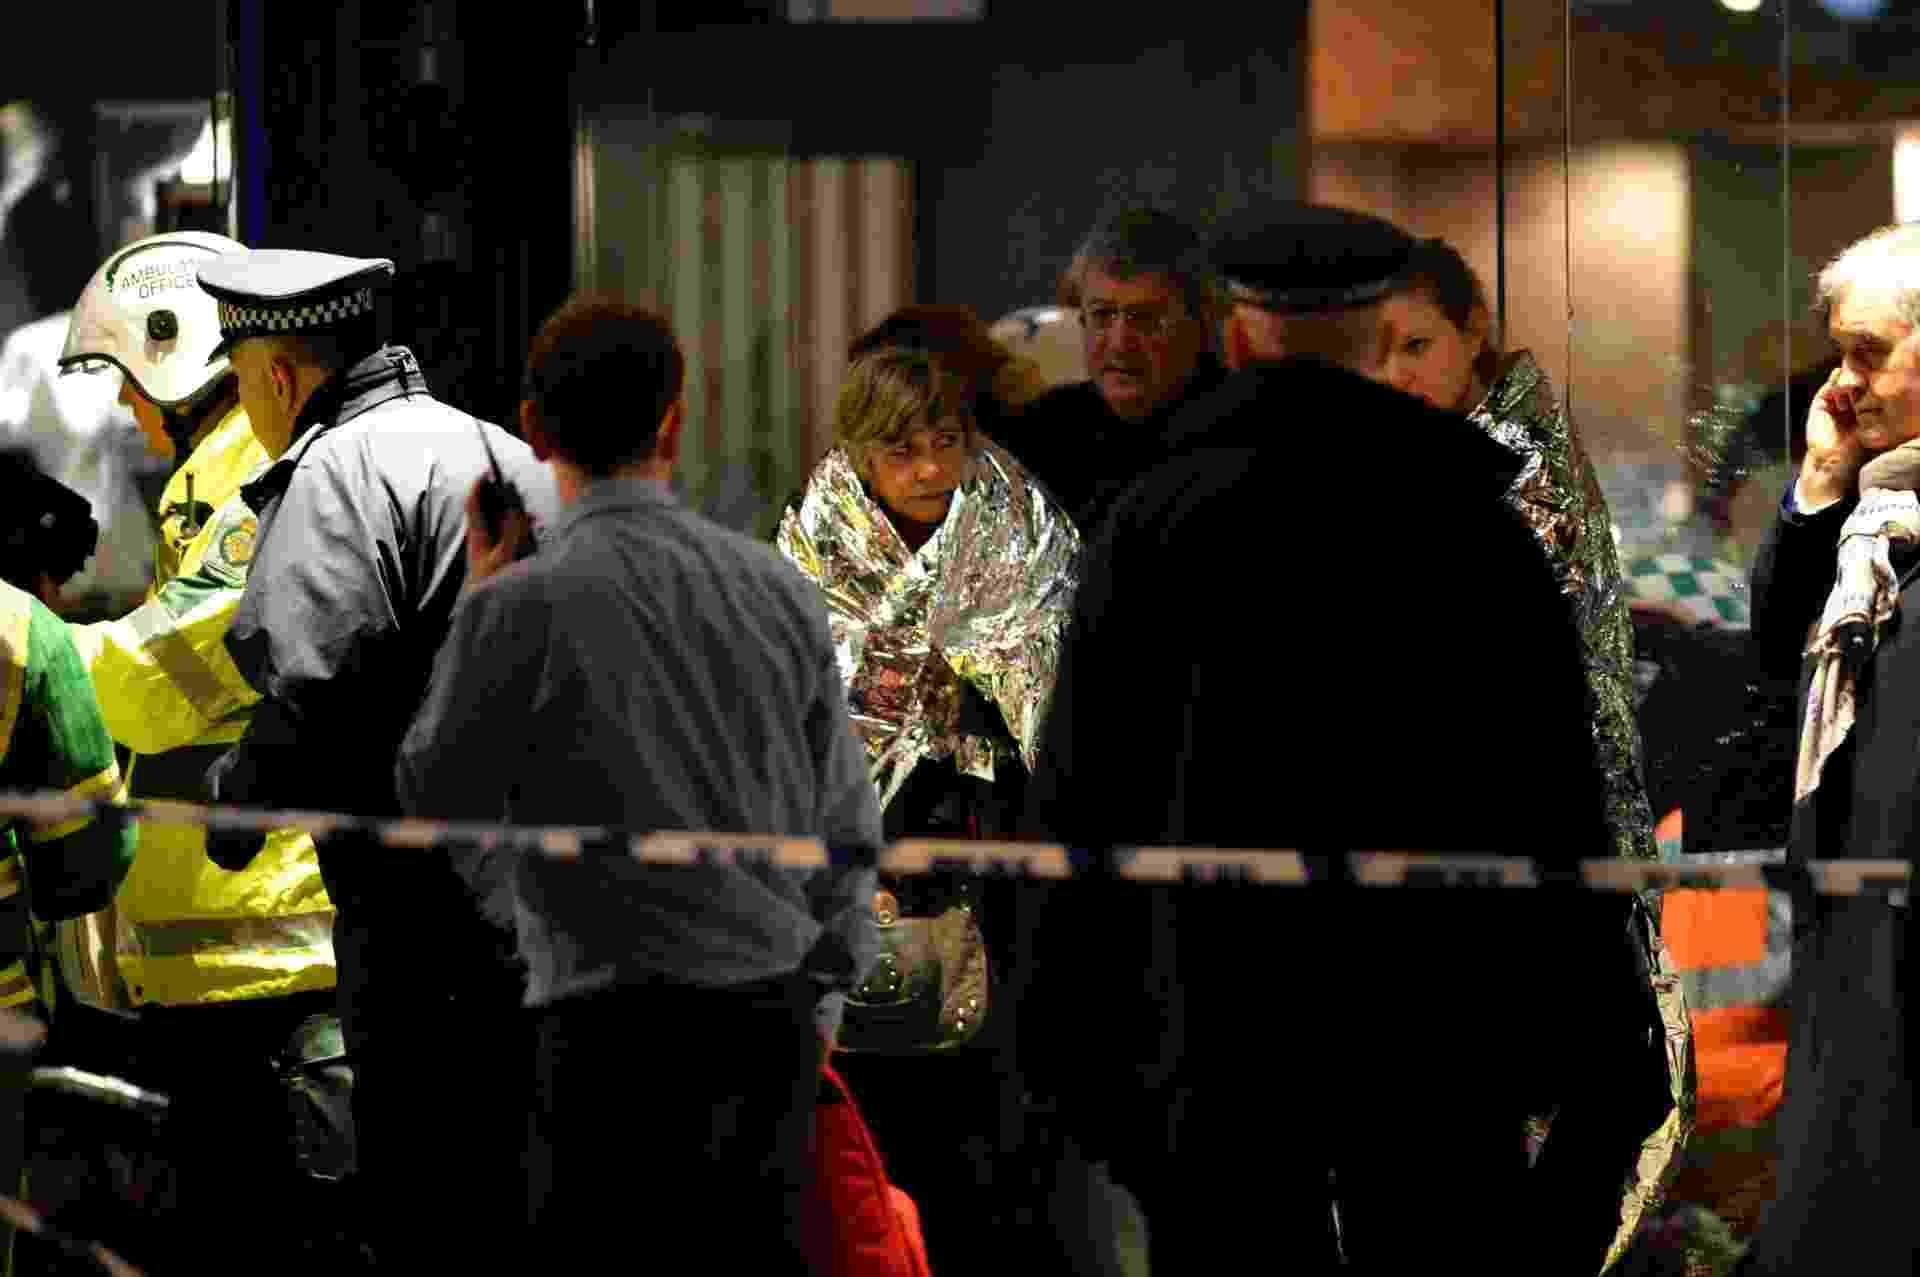 19.dez.2013 - Vítimas do desabamento de parte do teto do teatro Apollo, em Londres (Inglaterra), são socorridas. O acidente ocorreu por volta de 20h15 no horário local (18h15 em Brasília) durante uma apresentação com casa cheia - Leon Neal/AFP